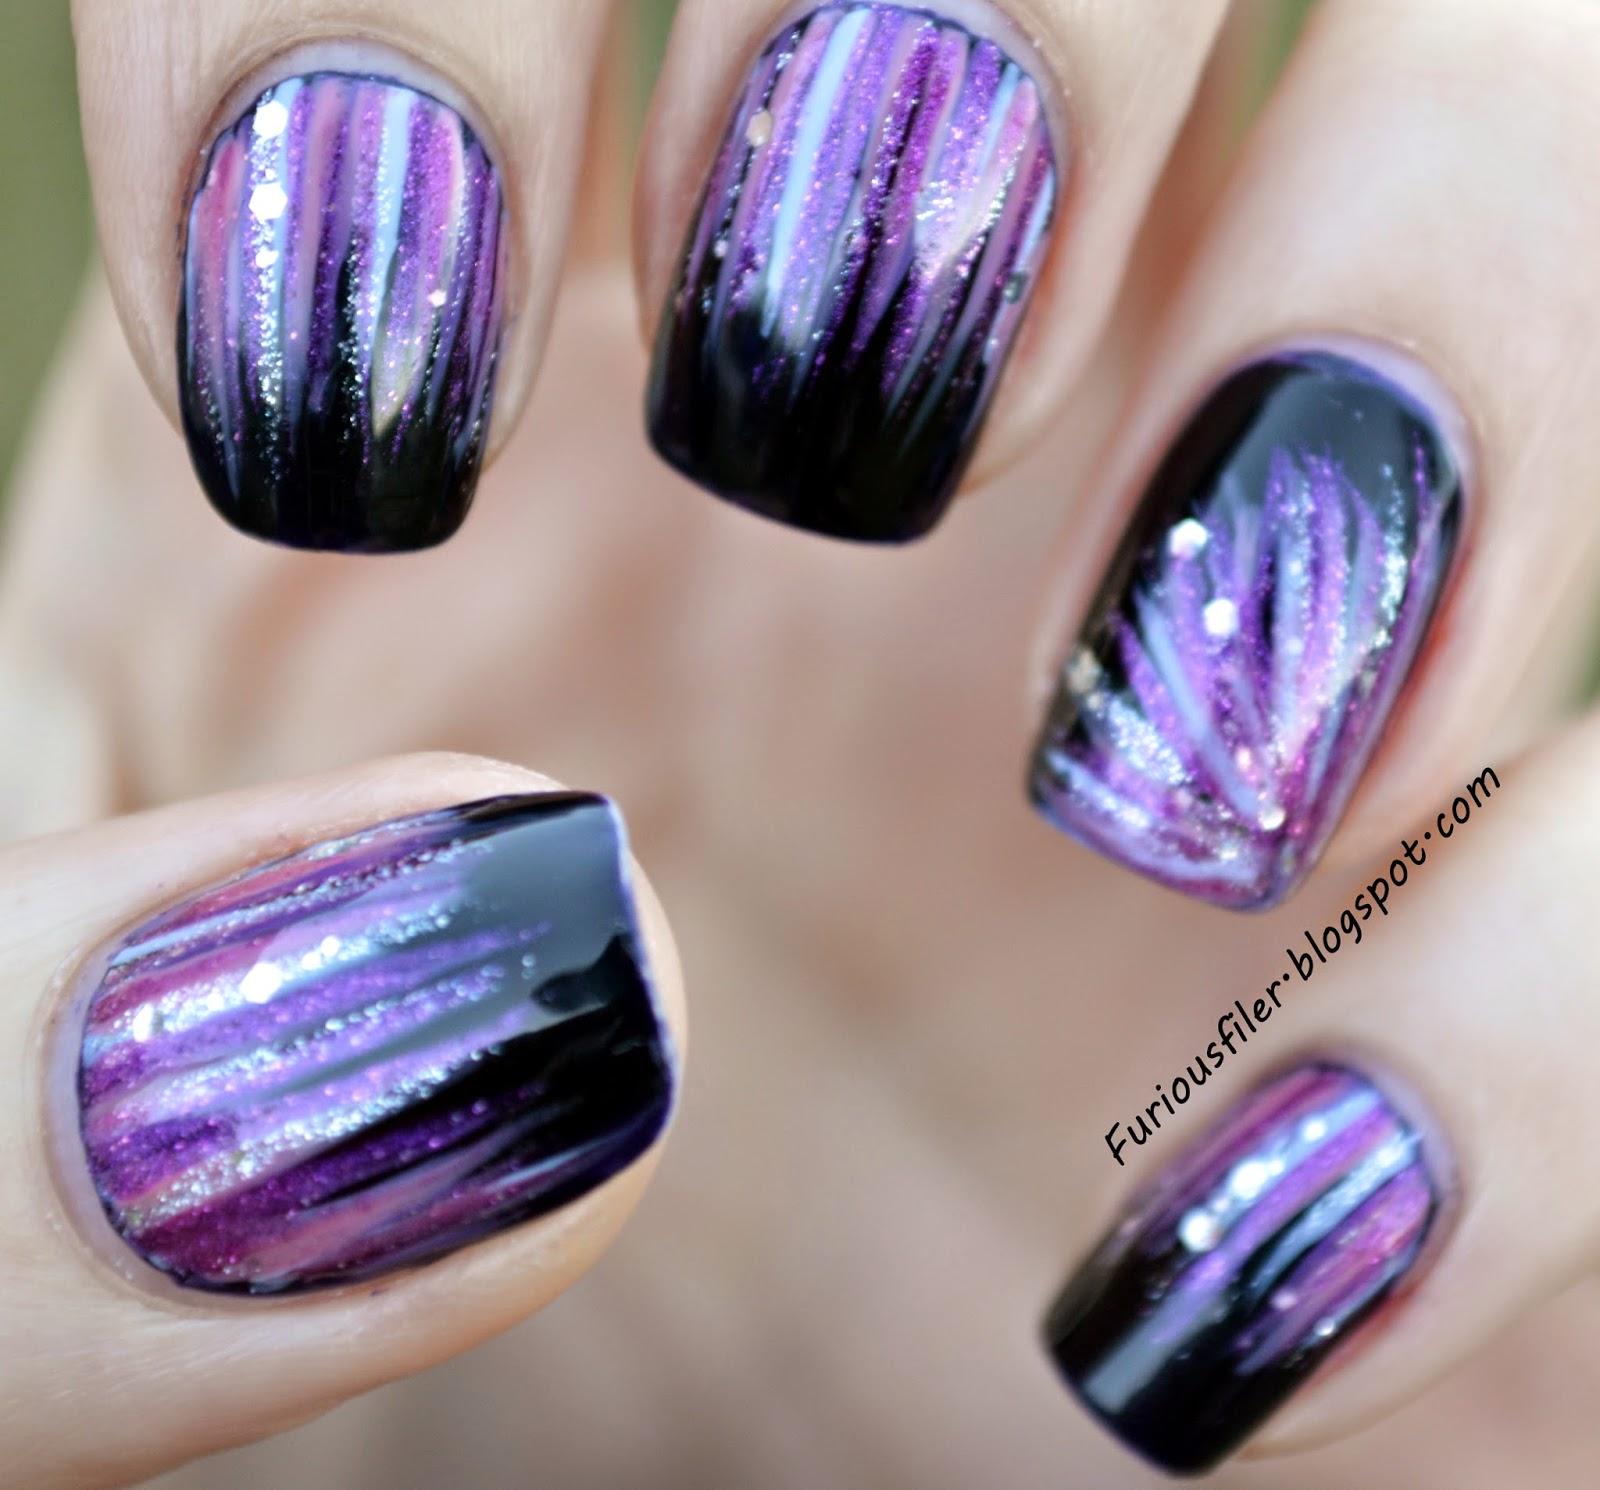 pinky purple glitter waterfall nailart